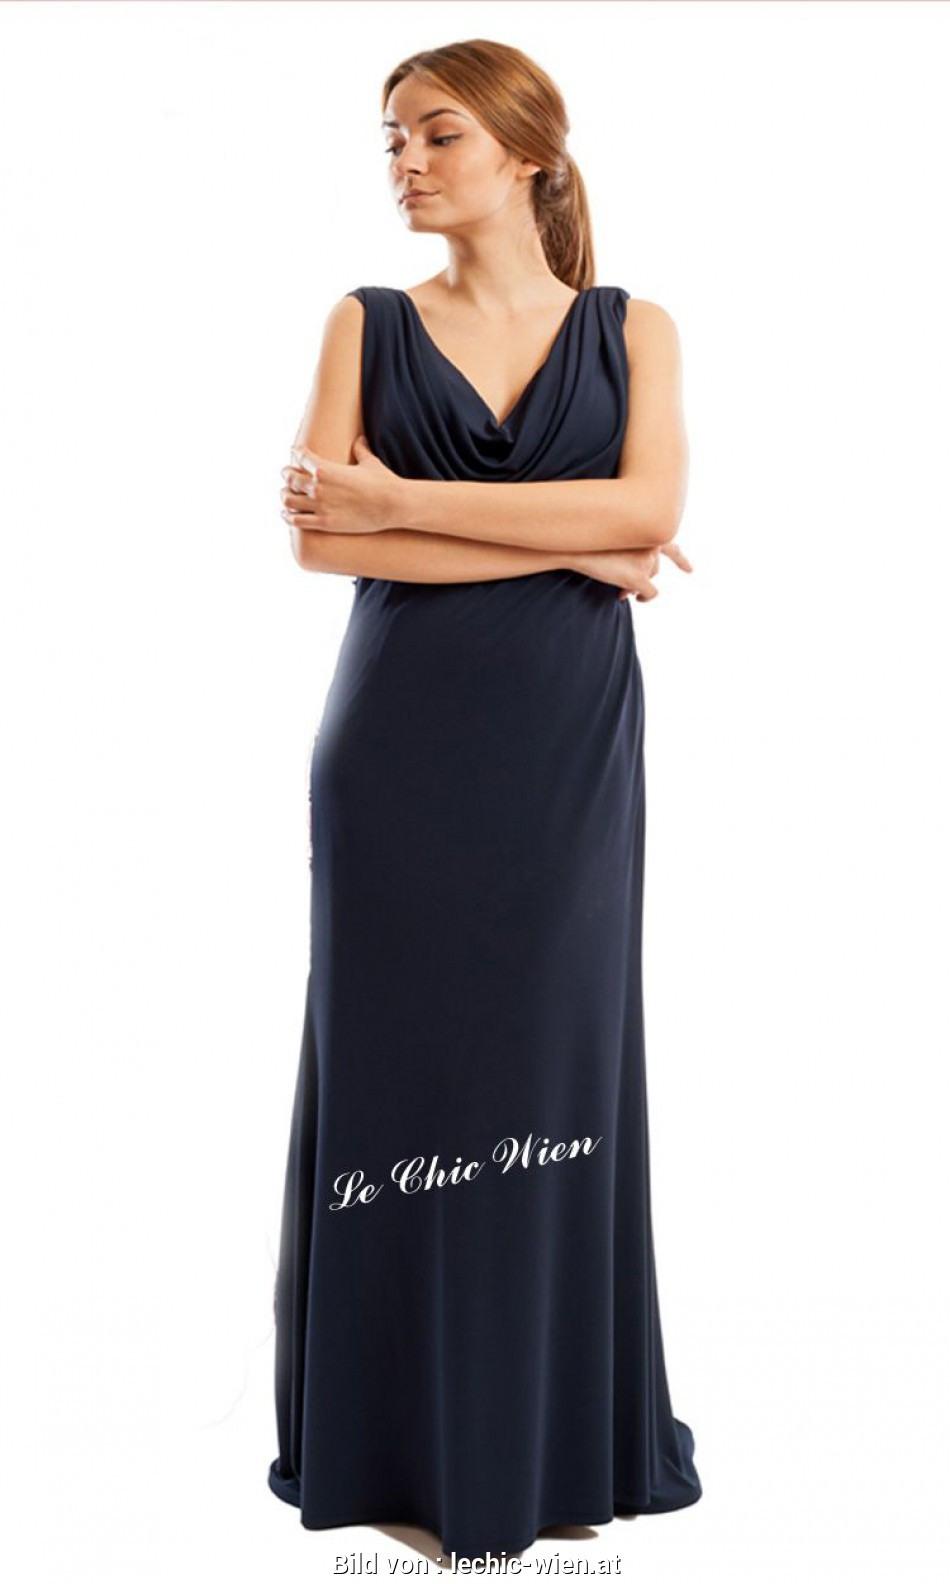 Leicht Abendkleid Verleih Wien Stylish17 Einzigartig Abendkleid Verleih Wien Ärmel